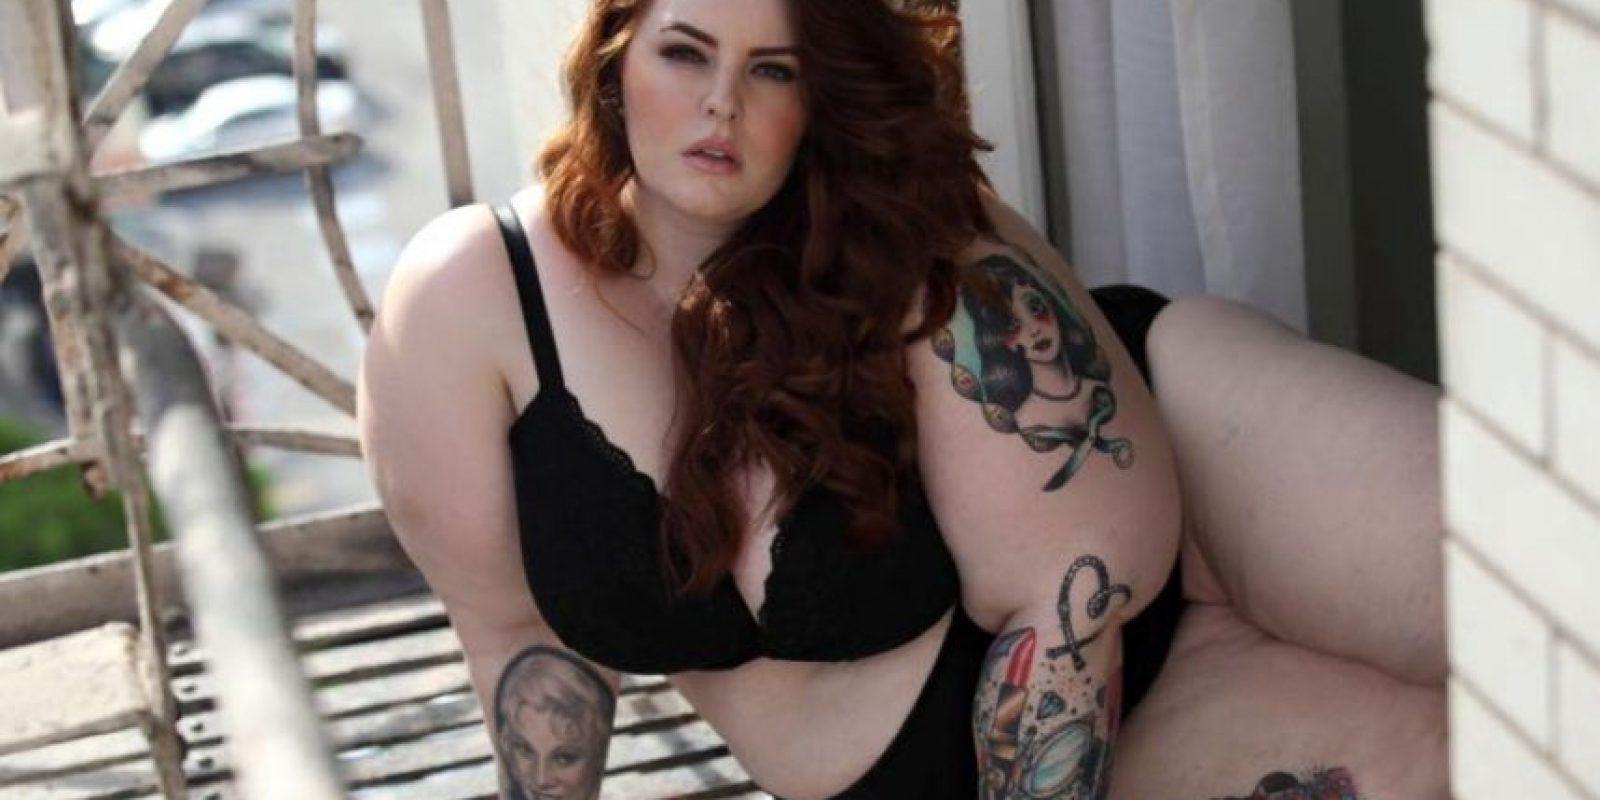 Muchos la critican por su cuerpo, pero eso es lo que ella espera. Espera combatir los estereotipos de belleza. Foto:vía Facebook/Tess Holliday